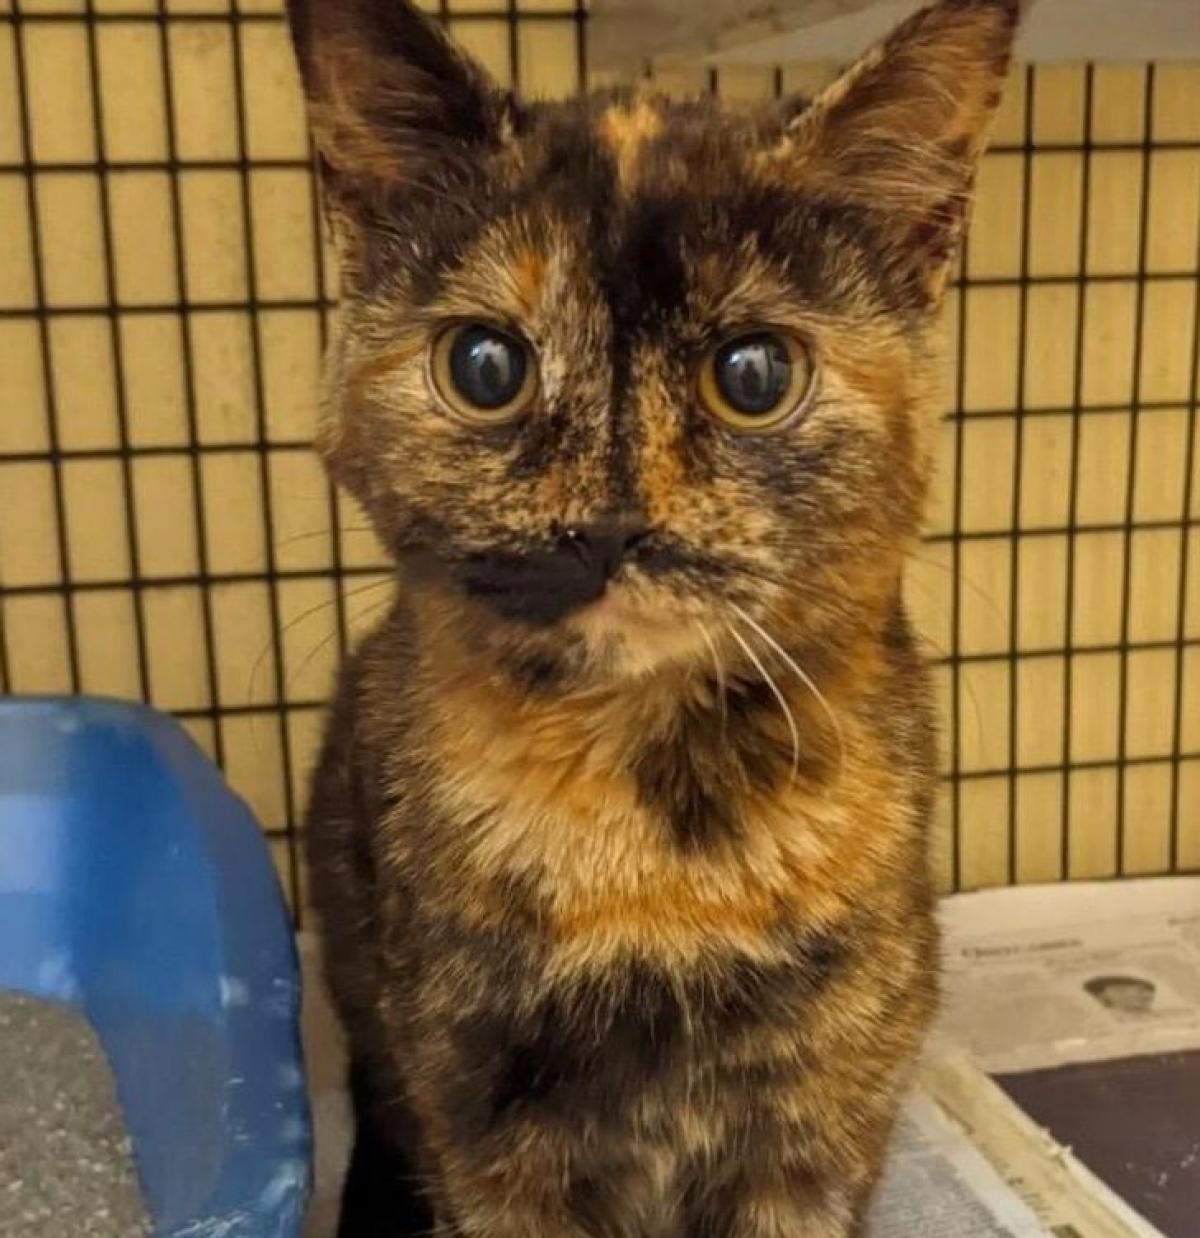 Chú mèo nhìn như không có mũi trên gương mặt.